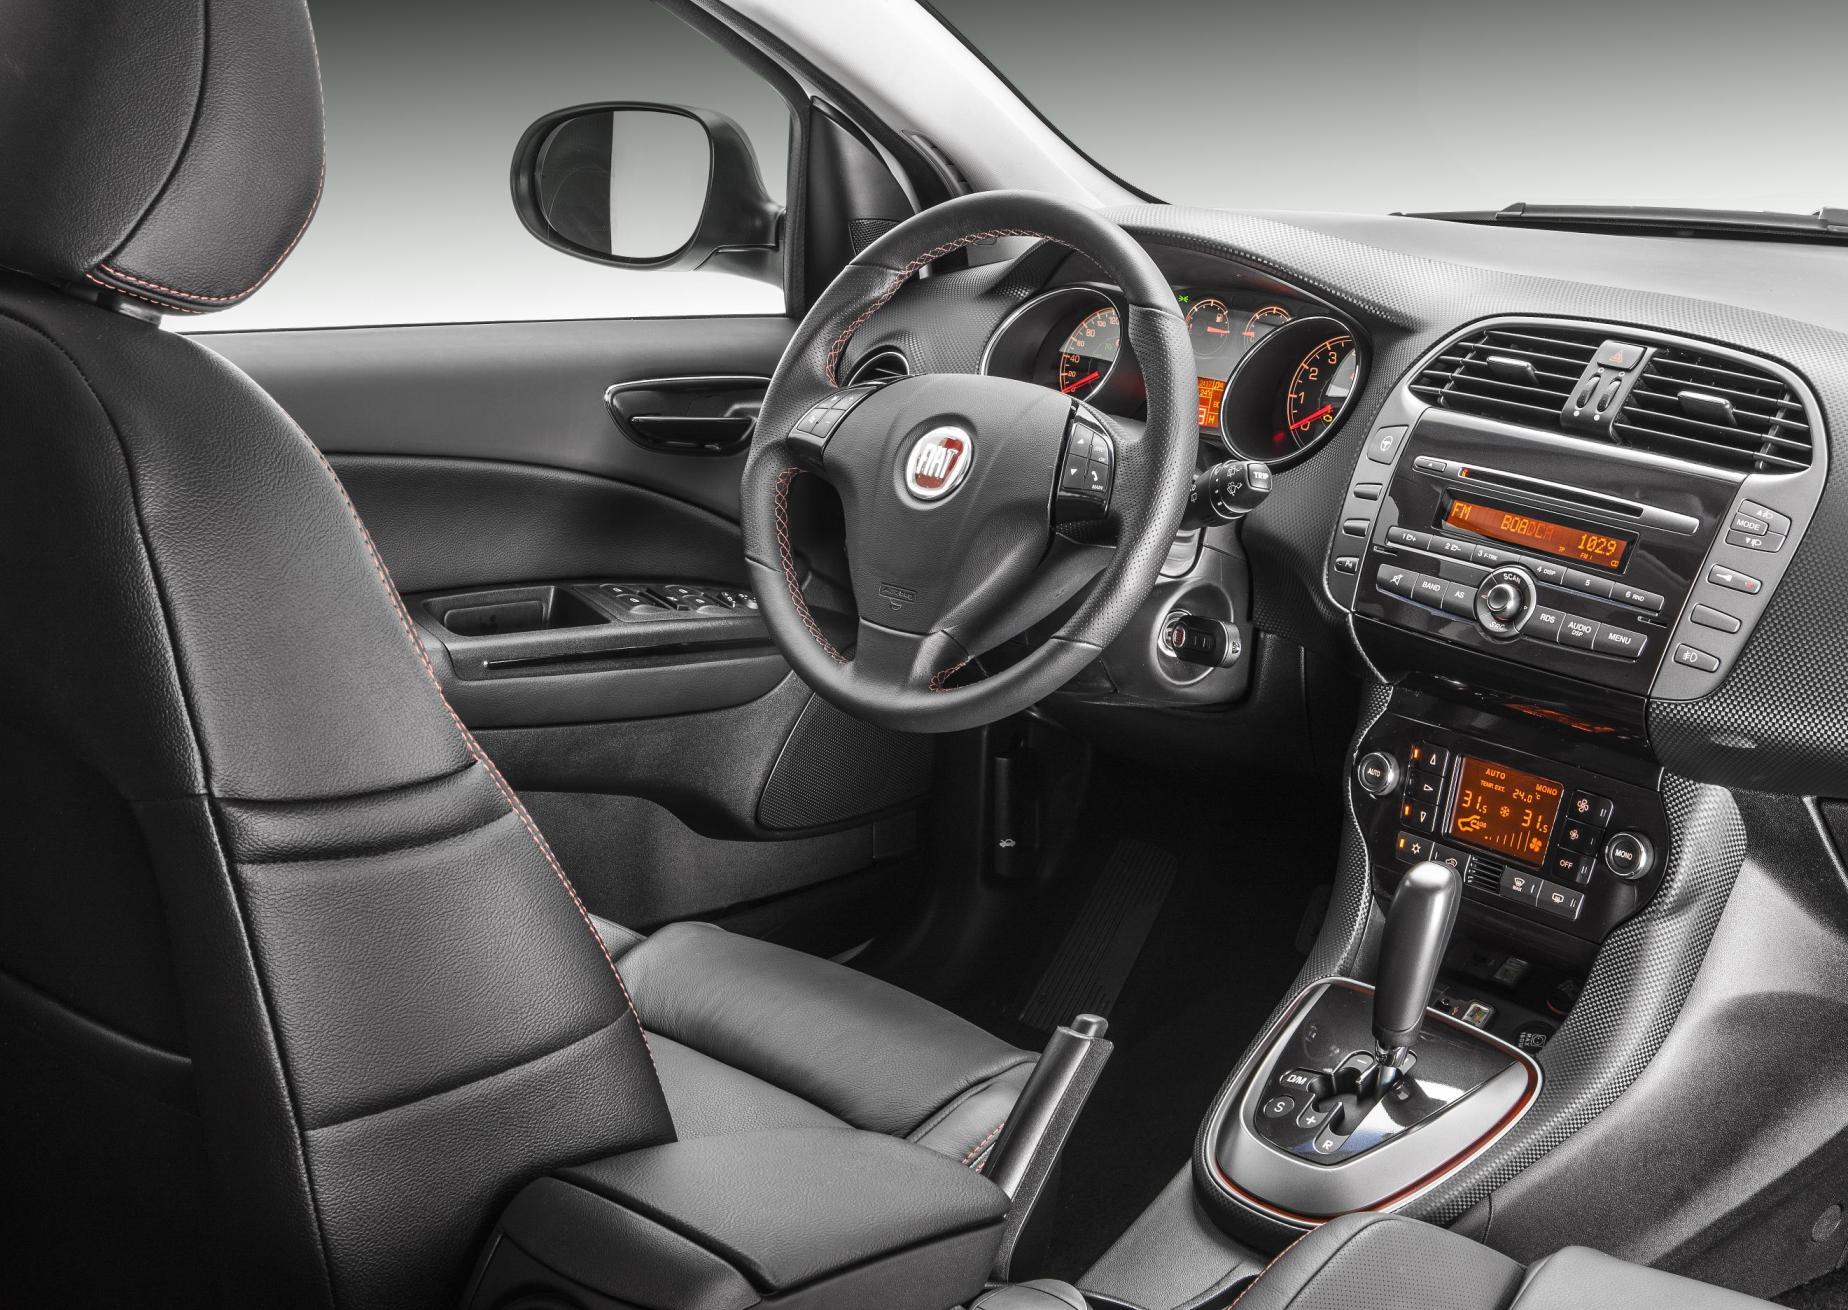 Fiat Anuncia Recall De Modelos Equipados Com Cambio Dualogic All The Cars